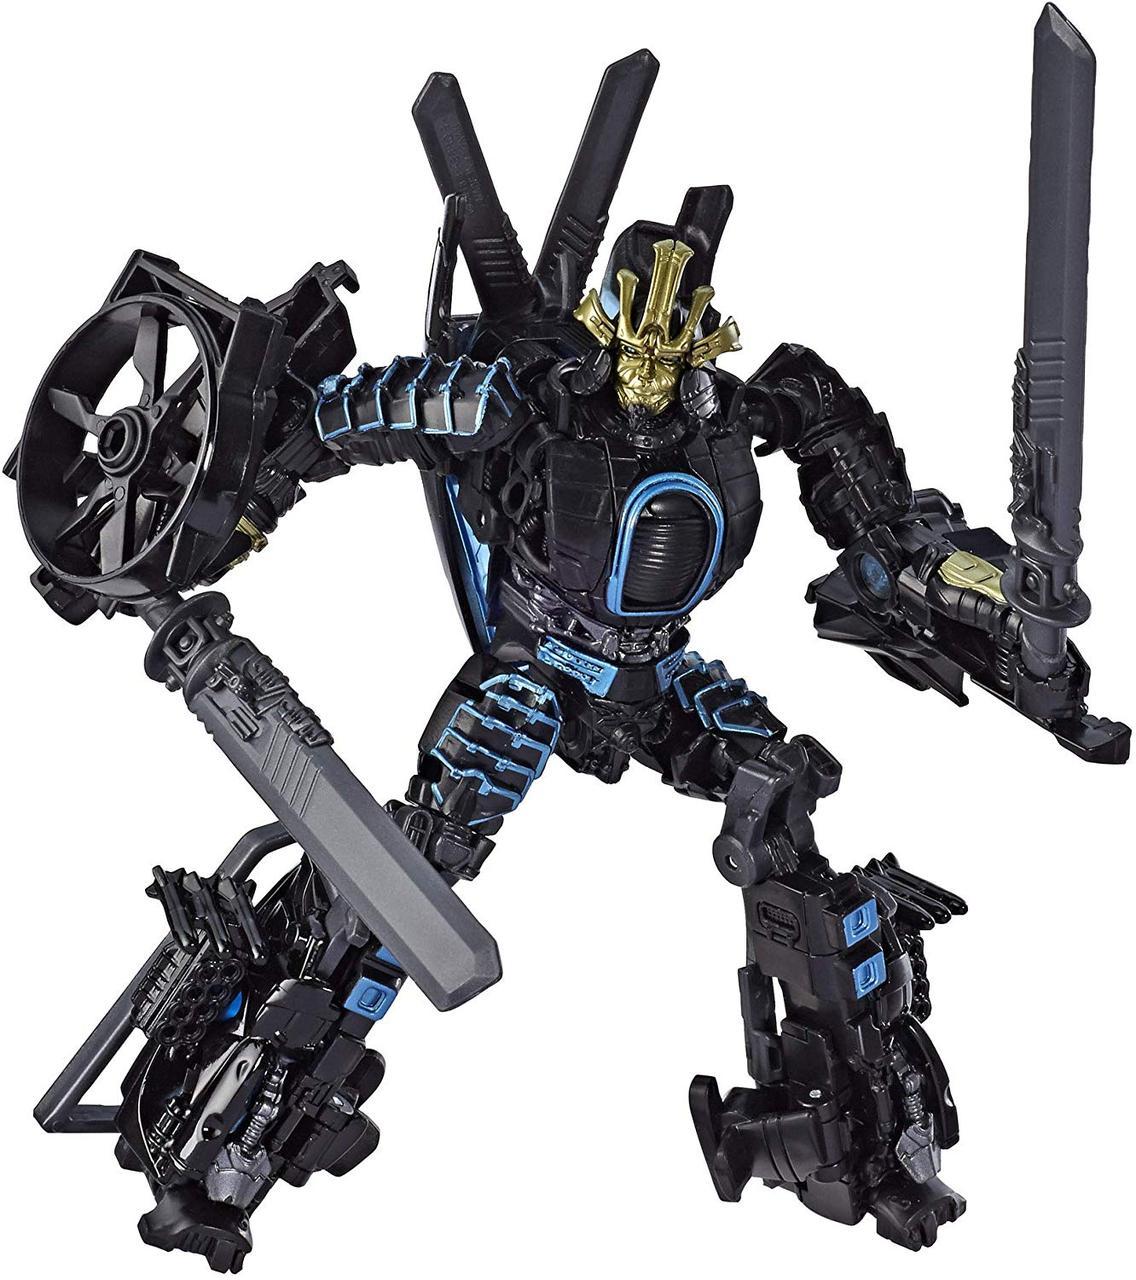 Трансформер-вертолет Hasbro Дрифт, Эпоха Истребления, 13 см - Drift, Age of Extincion, Studio Series